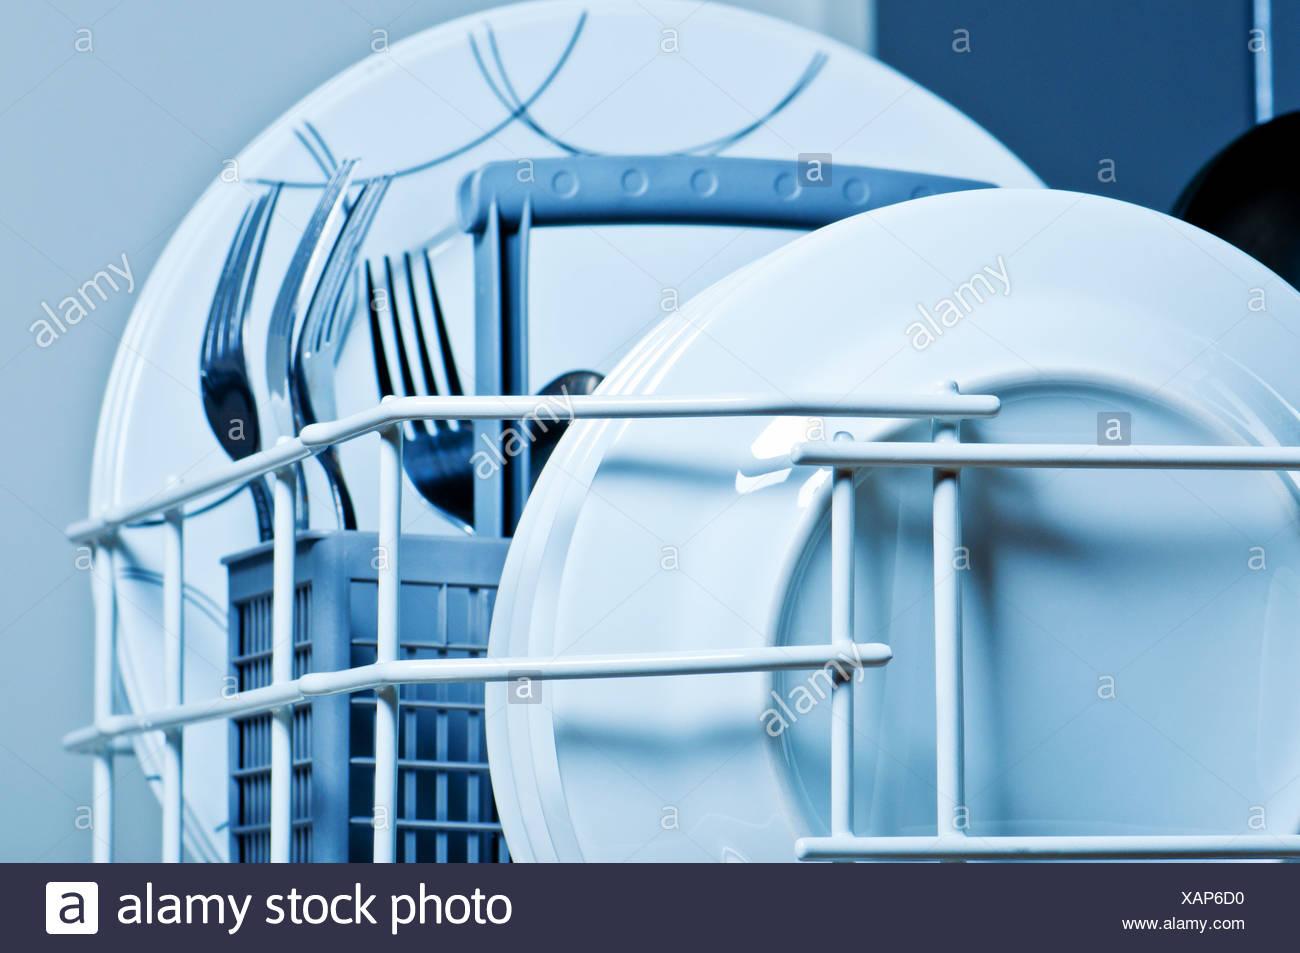 Nettoyer Interieur Lave Vaisselle nettoyer les assiettes et les fourchettes à l'intérieur d'un